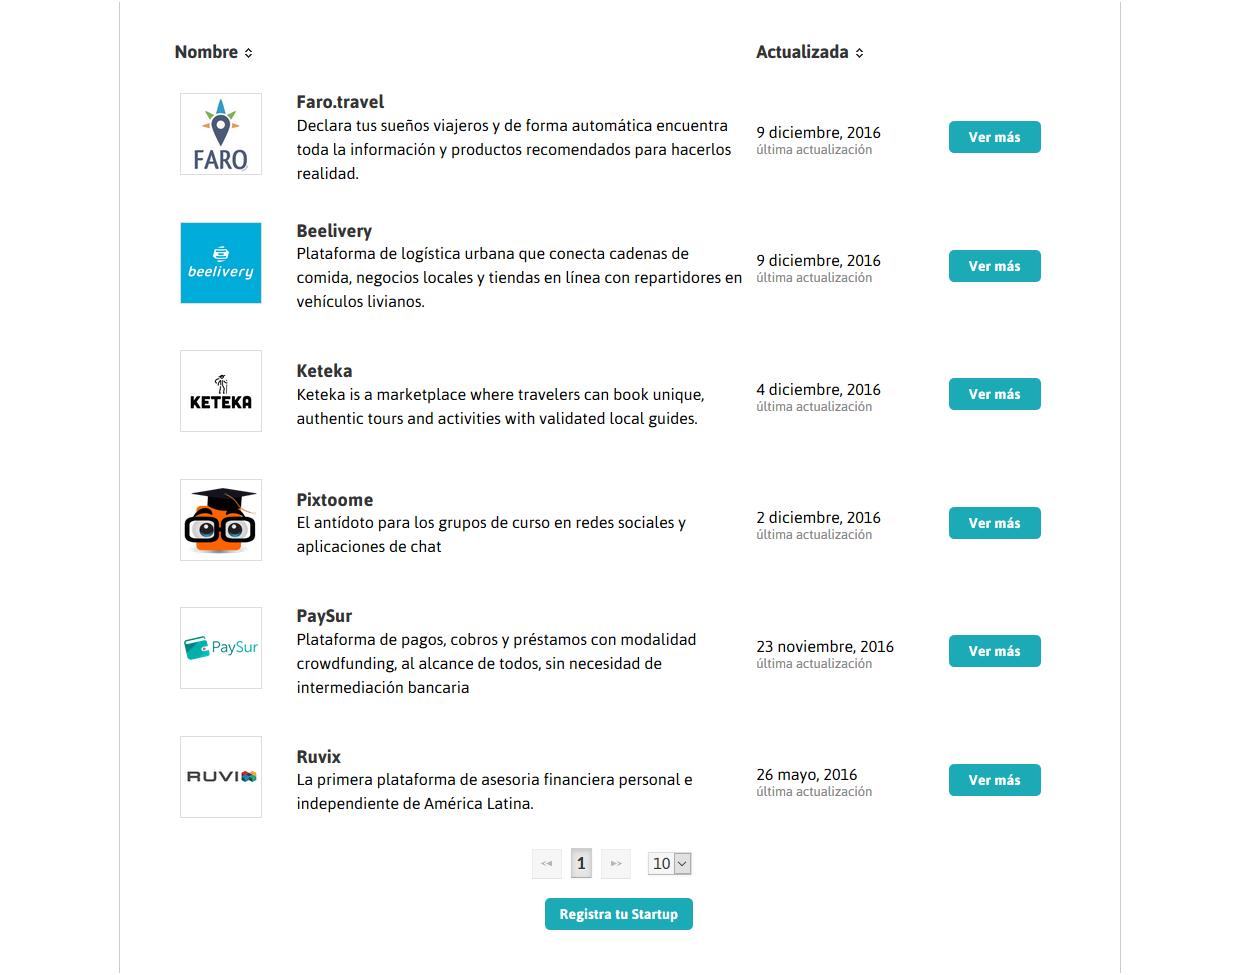 Founderlist App Screenshot: Startups list